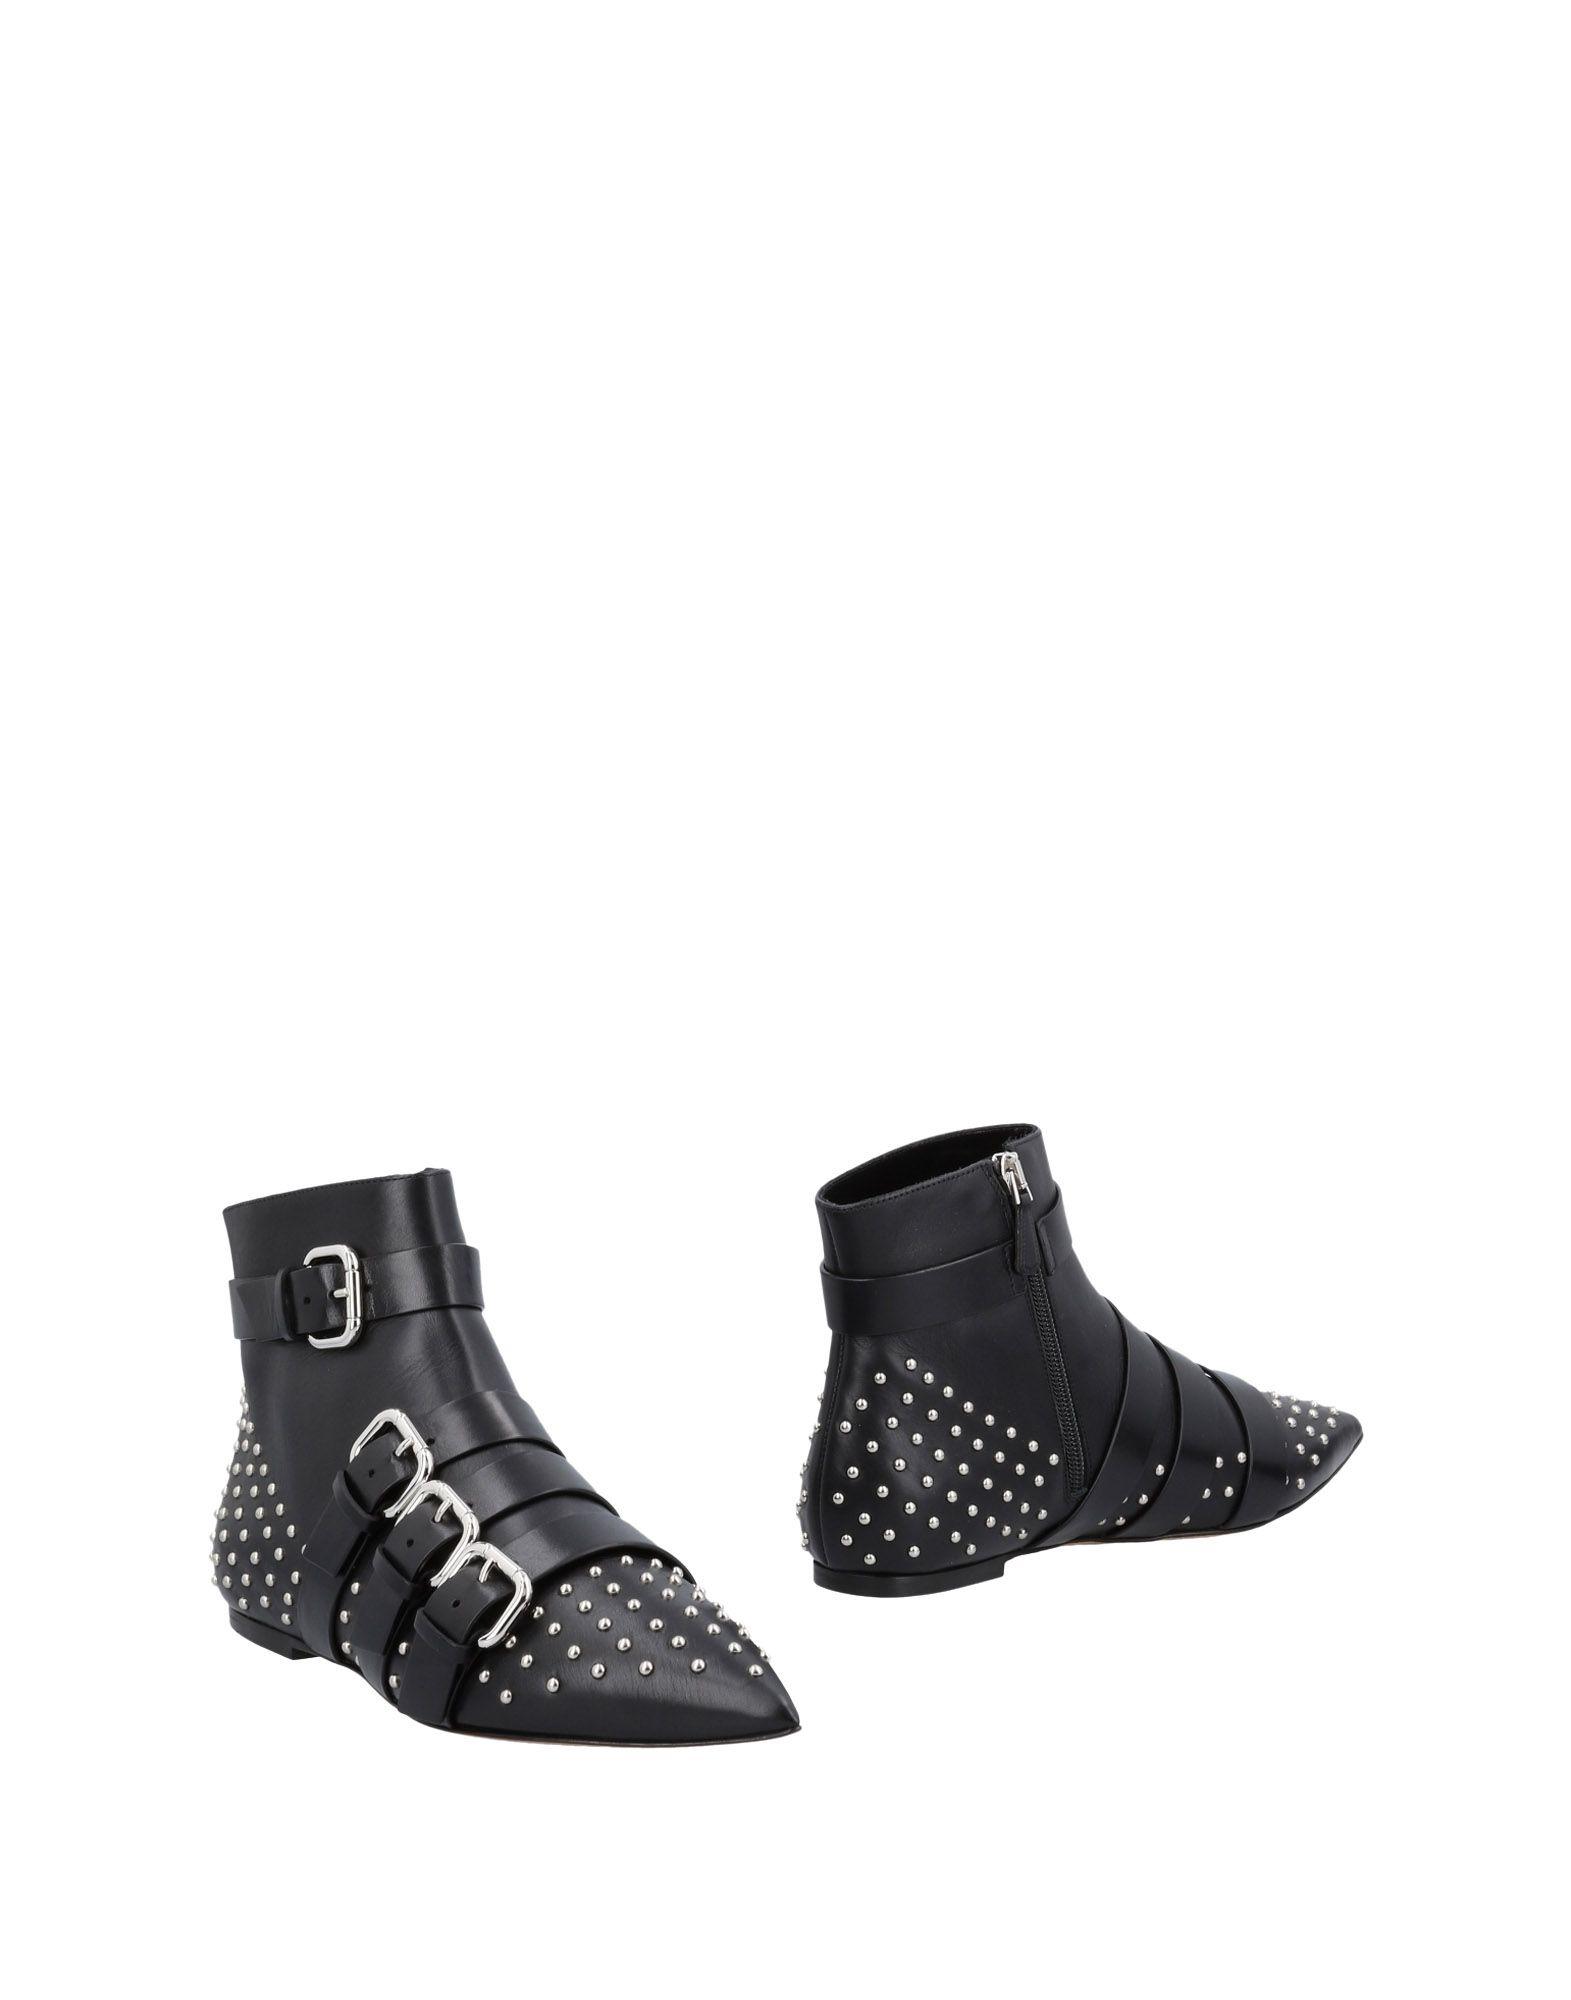 Red(V) Stiefelette Damen Schuhe  11483984XJGünstige gut aussehende Schuhe Damen 280a5d